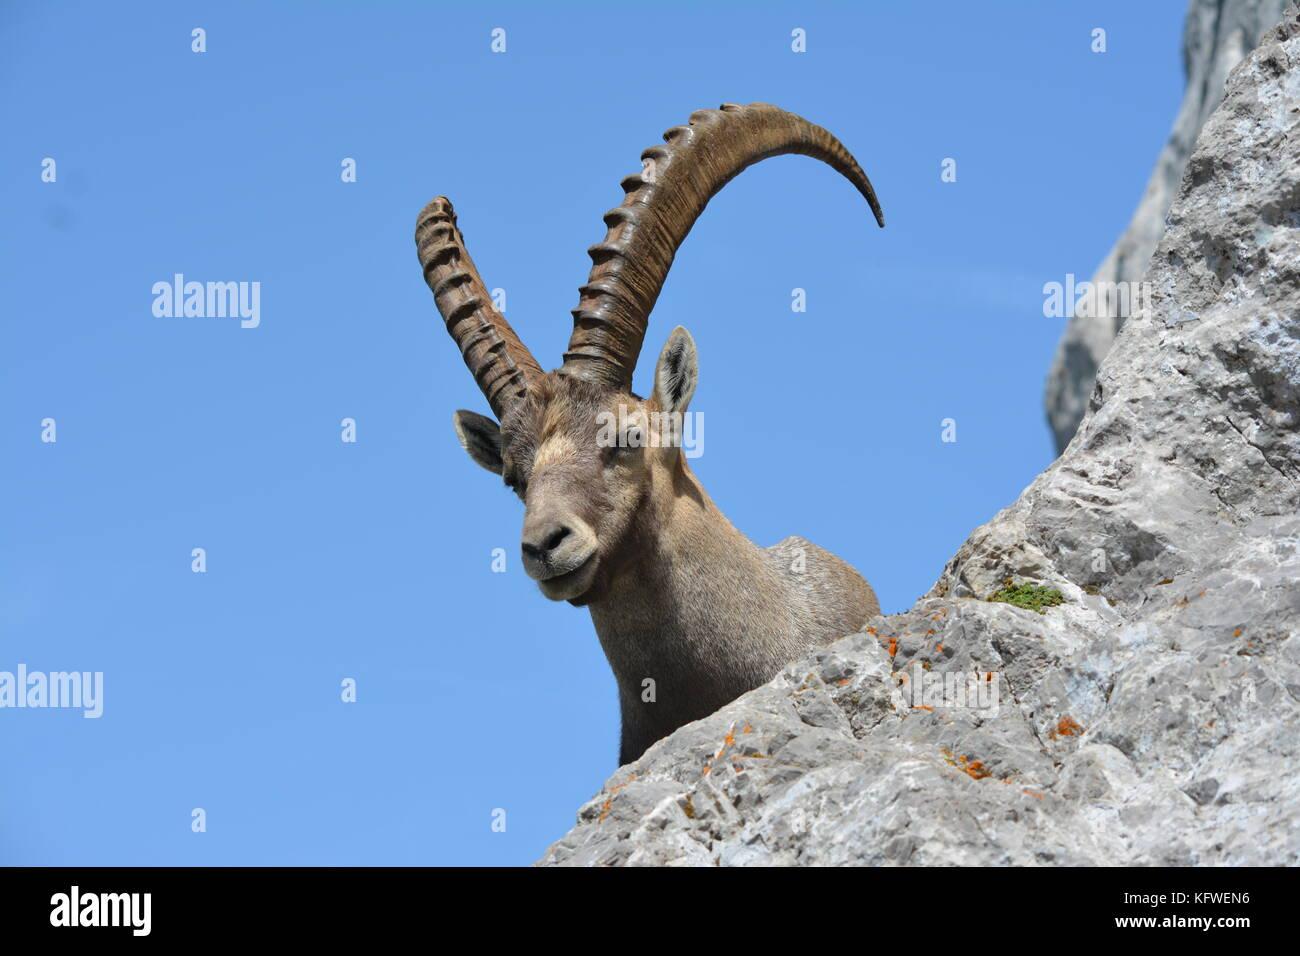 Bouquetin mâle guignant derrière un rocher dans son beau paysage montagnard au ciel bleu - Stock Image